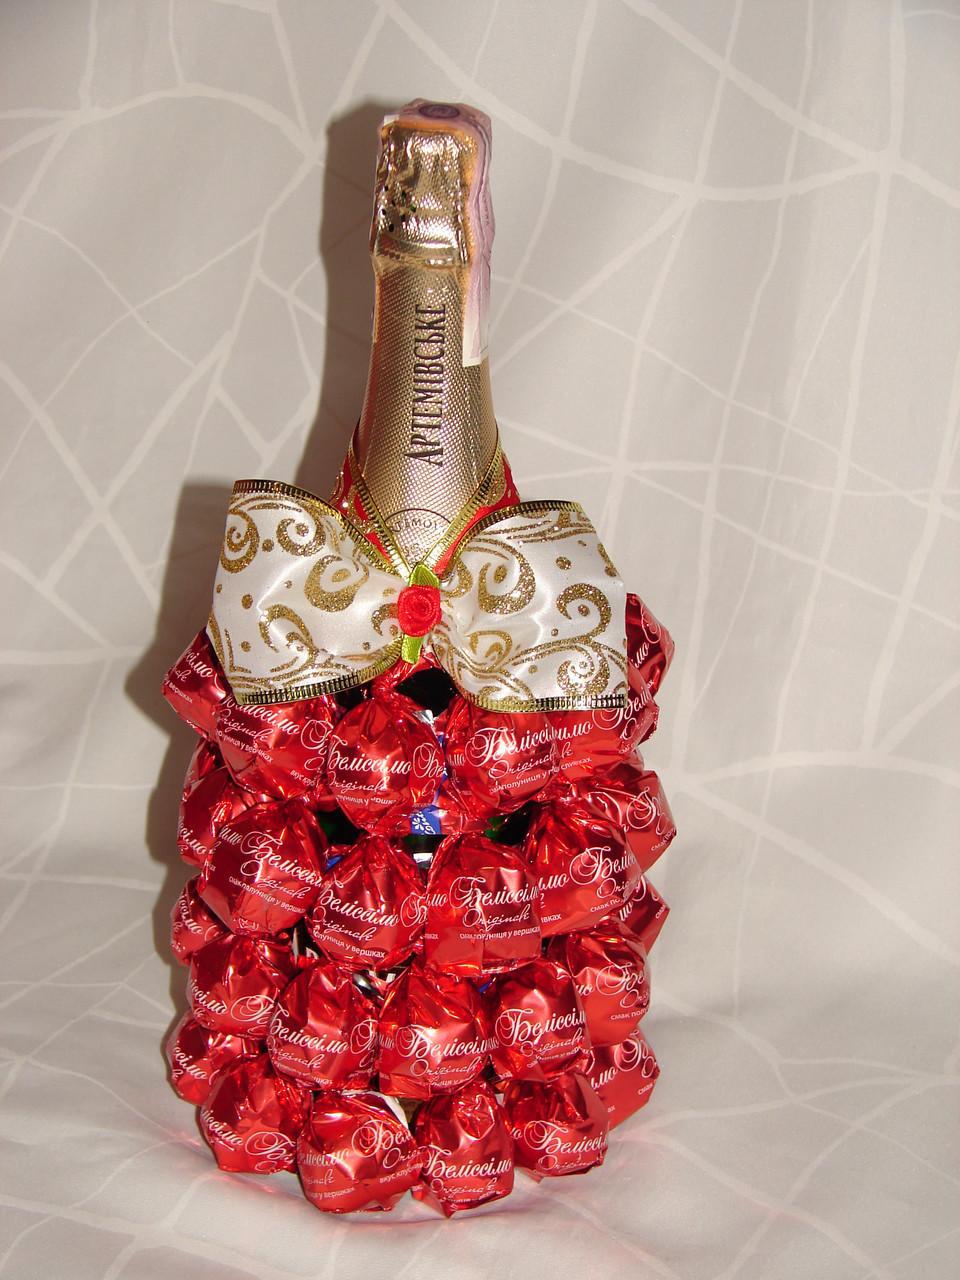 Как украсить бутылку шампанского из конфет своими руками фото